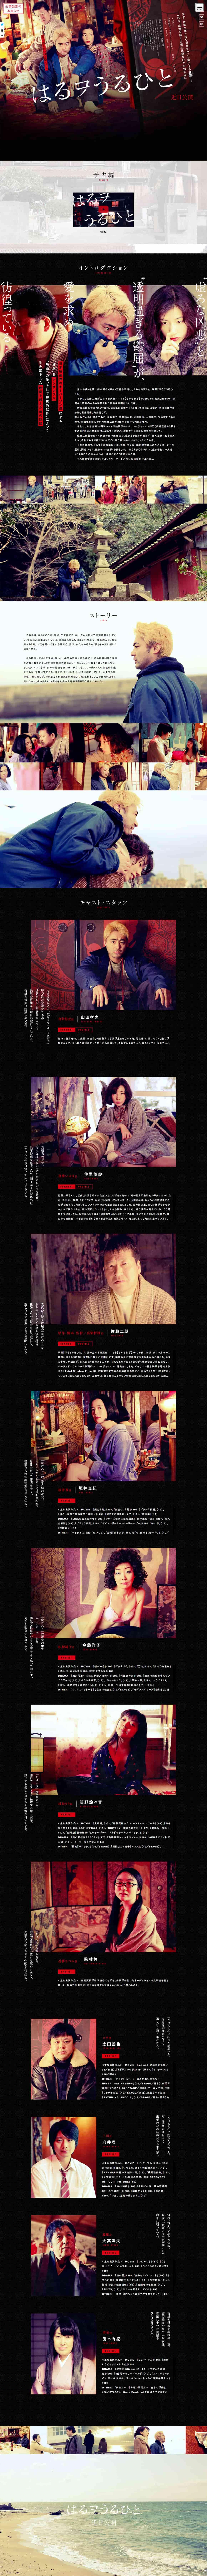 映画「はるヲうるひと」公式サイト